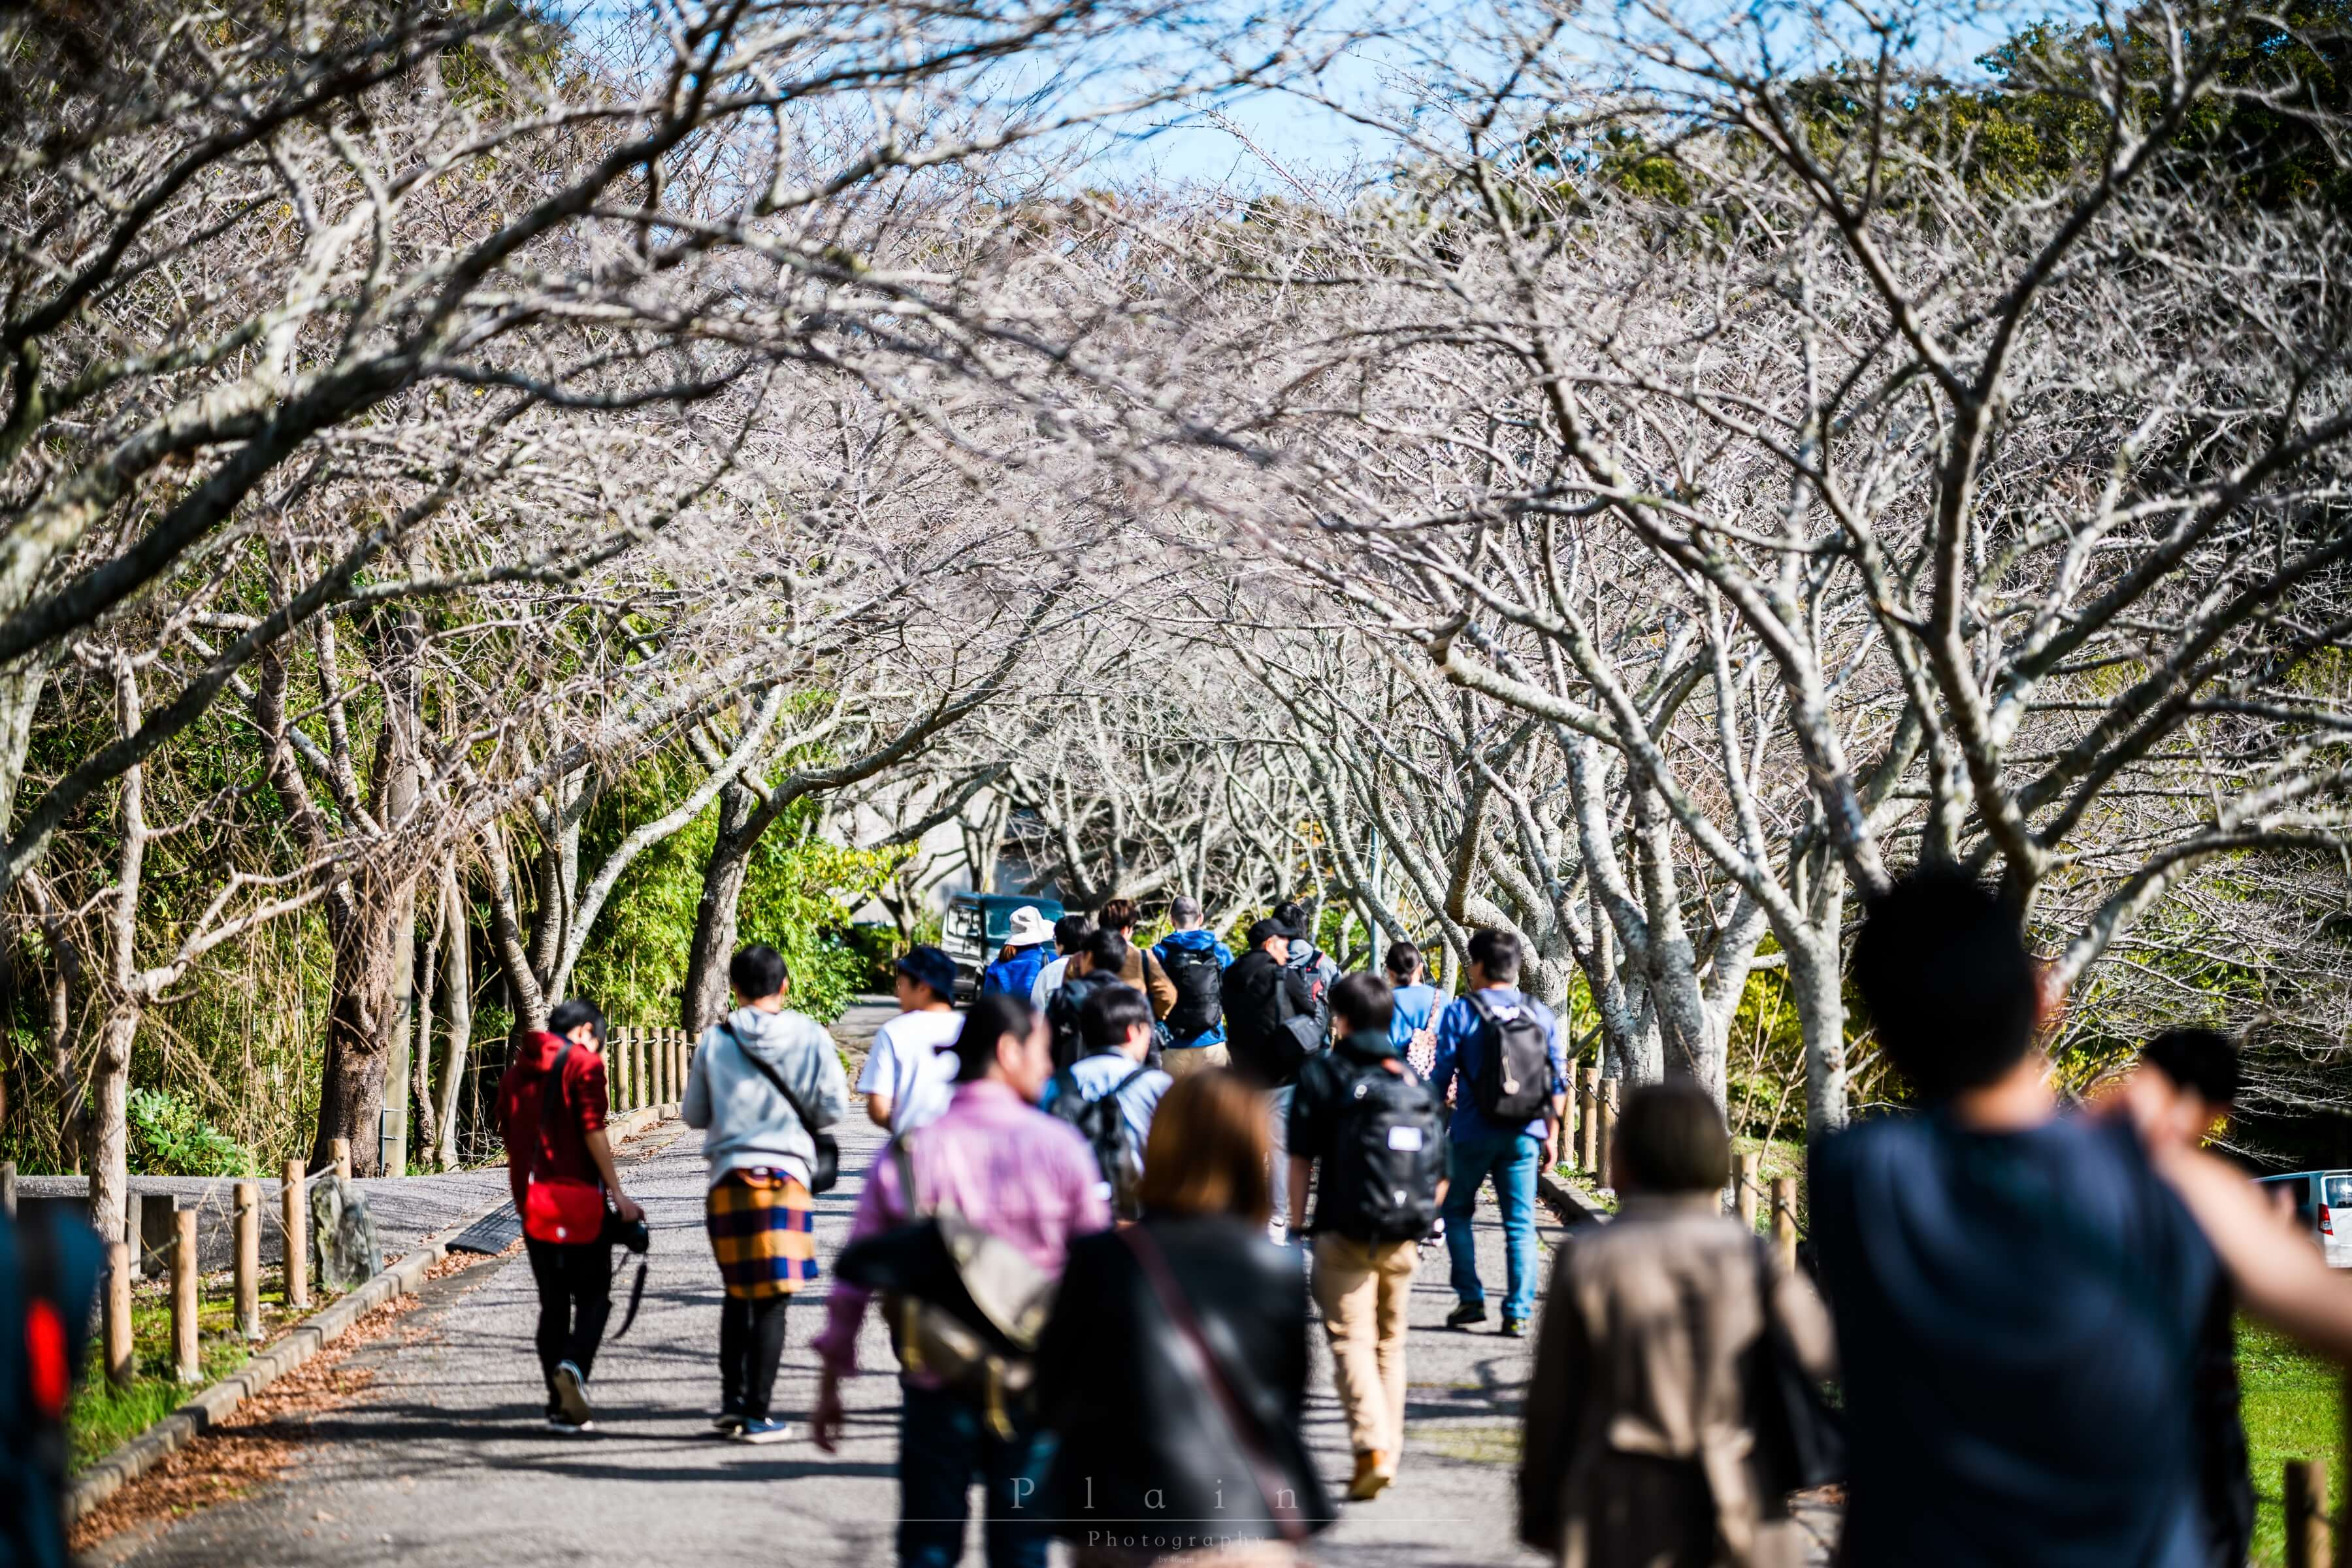 千葉県 一宮町で写真友達いっぱい作ってきた #いちのみやフォトウォーク